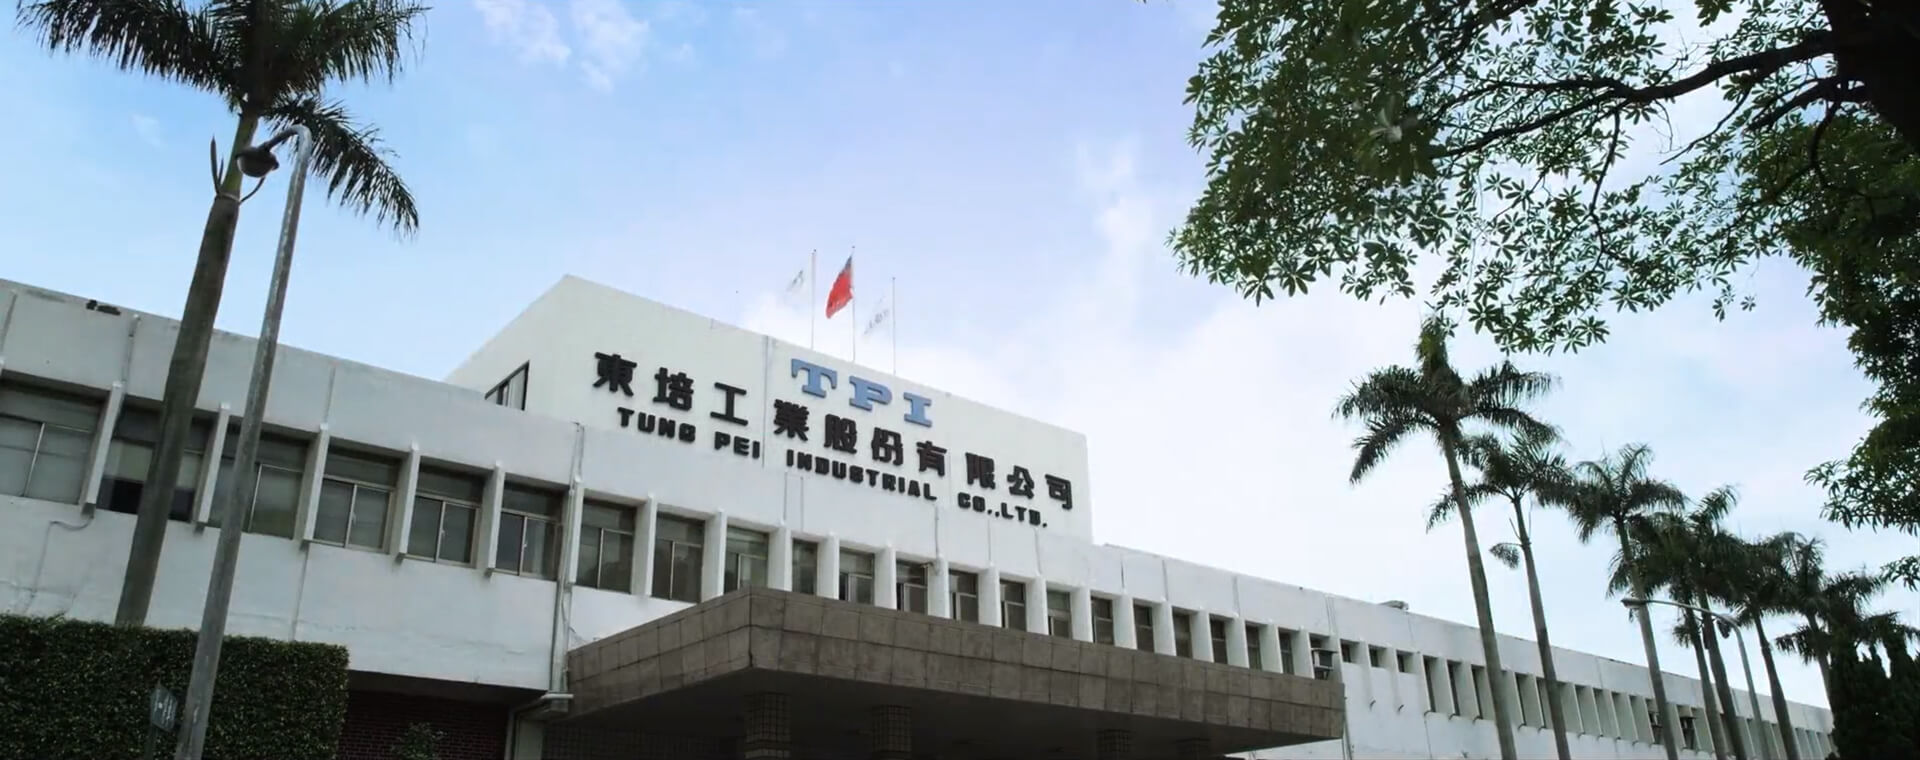 東培工業股份有限公司